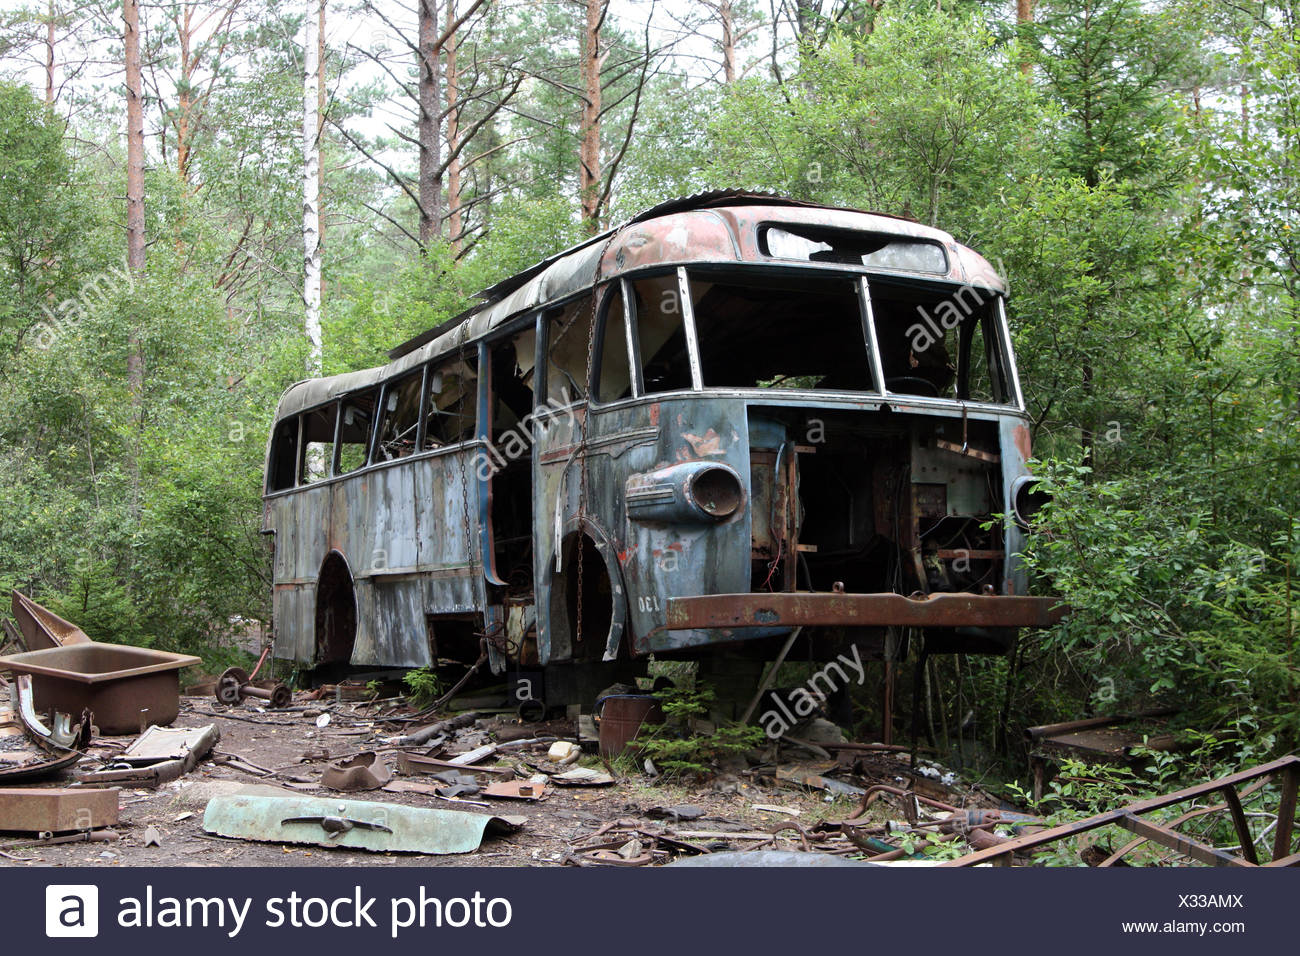 bus wreck - scap motorcar vehicle - junkyard Stock Photo: 277284138 ...